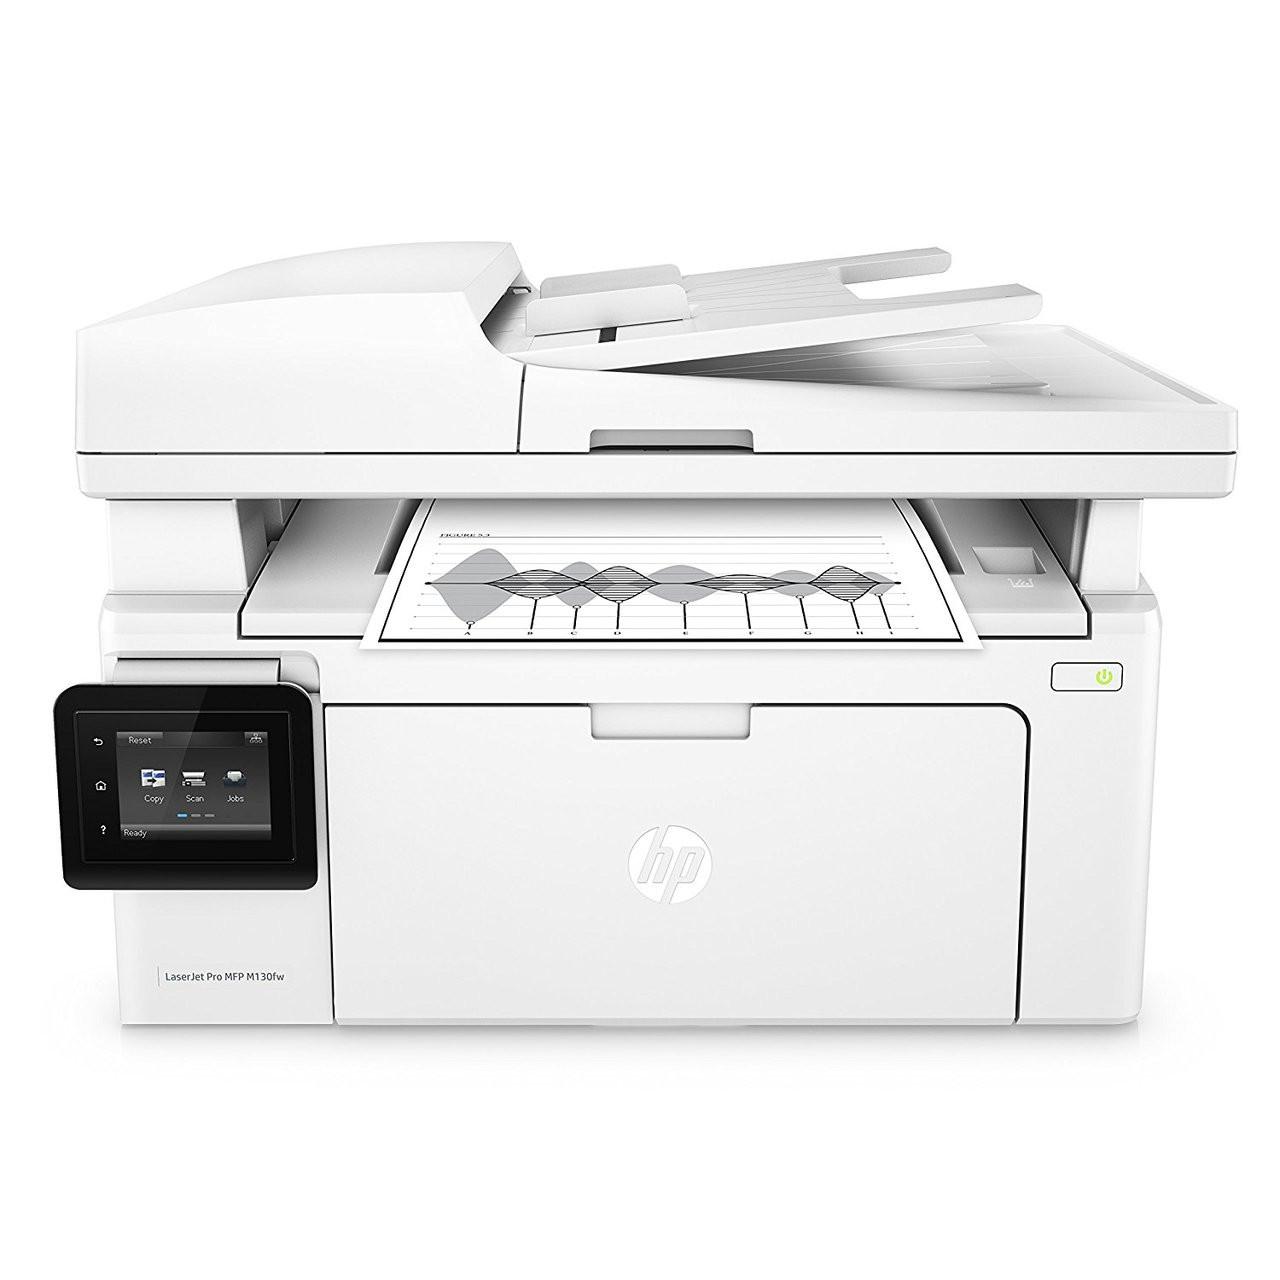 HP LaserJet Pro M130fn MFP - G3Q59A  - HP Laser Printer for sale